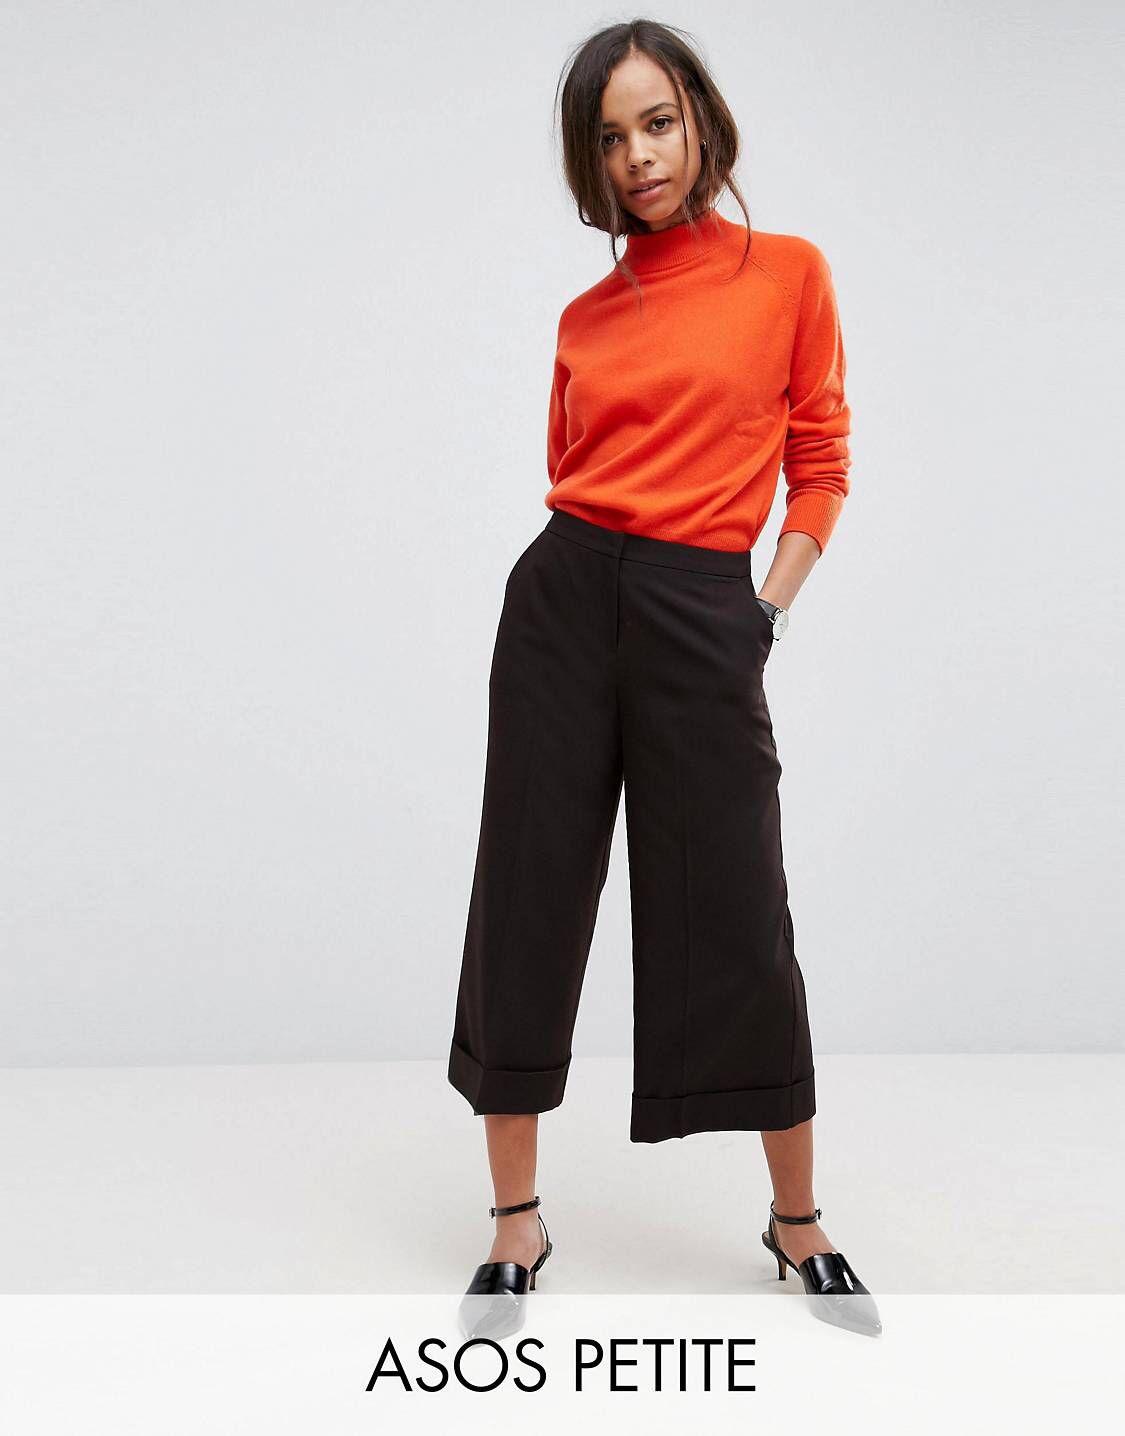 ASOS DESIGN Petite mix & match tailored clean culotte - Black Asos Petite Fashion Style Cheap Online Prices Sale Online Explore Sale Online VVaAbk